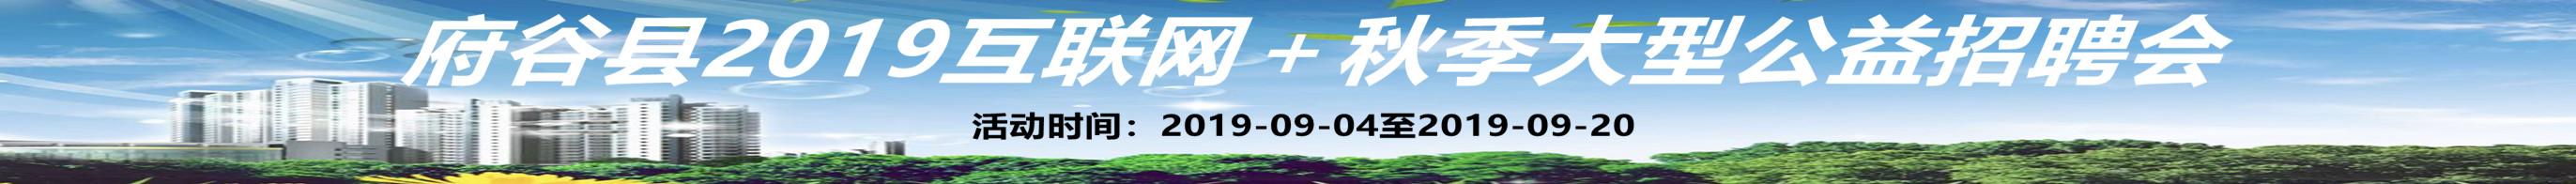 2019互联网+大型招聘会